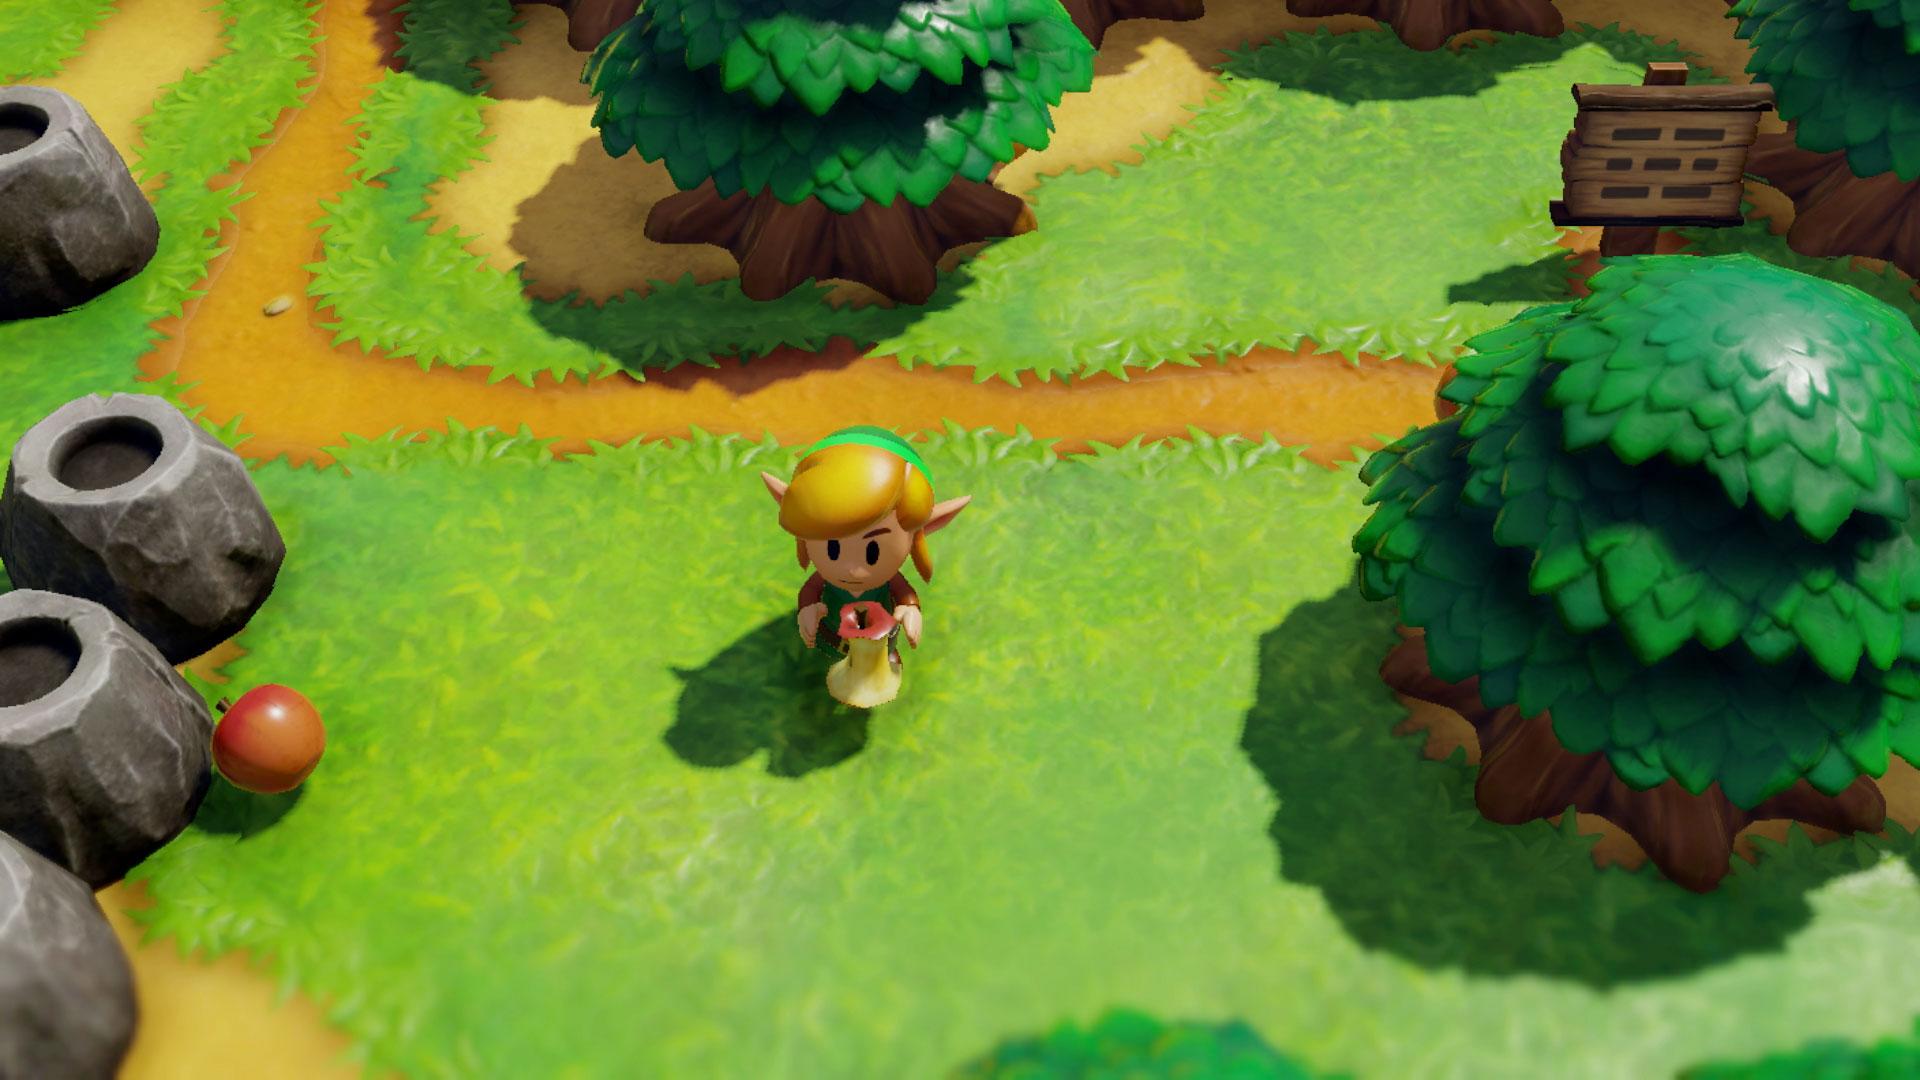 The Legend Of Zelda Link S Awakening Review A Dream Come True Tom S Guide